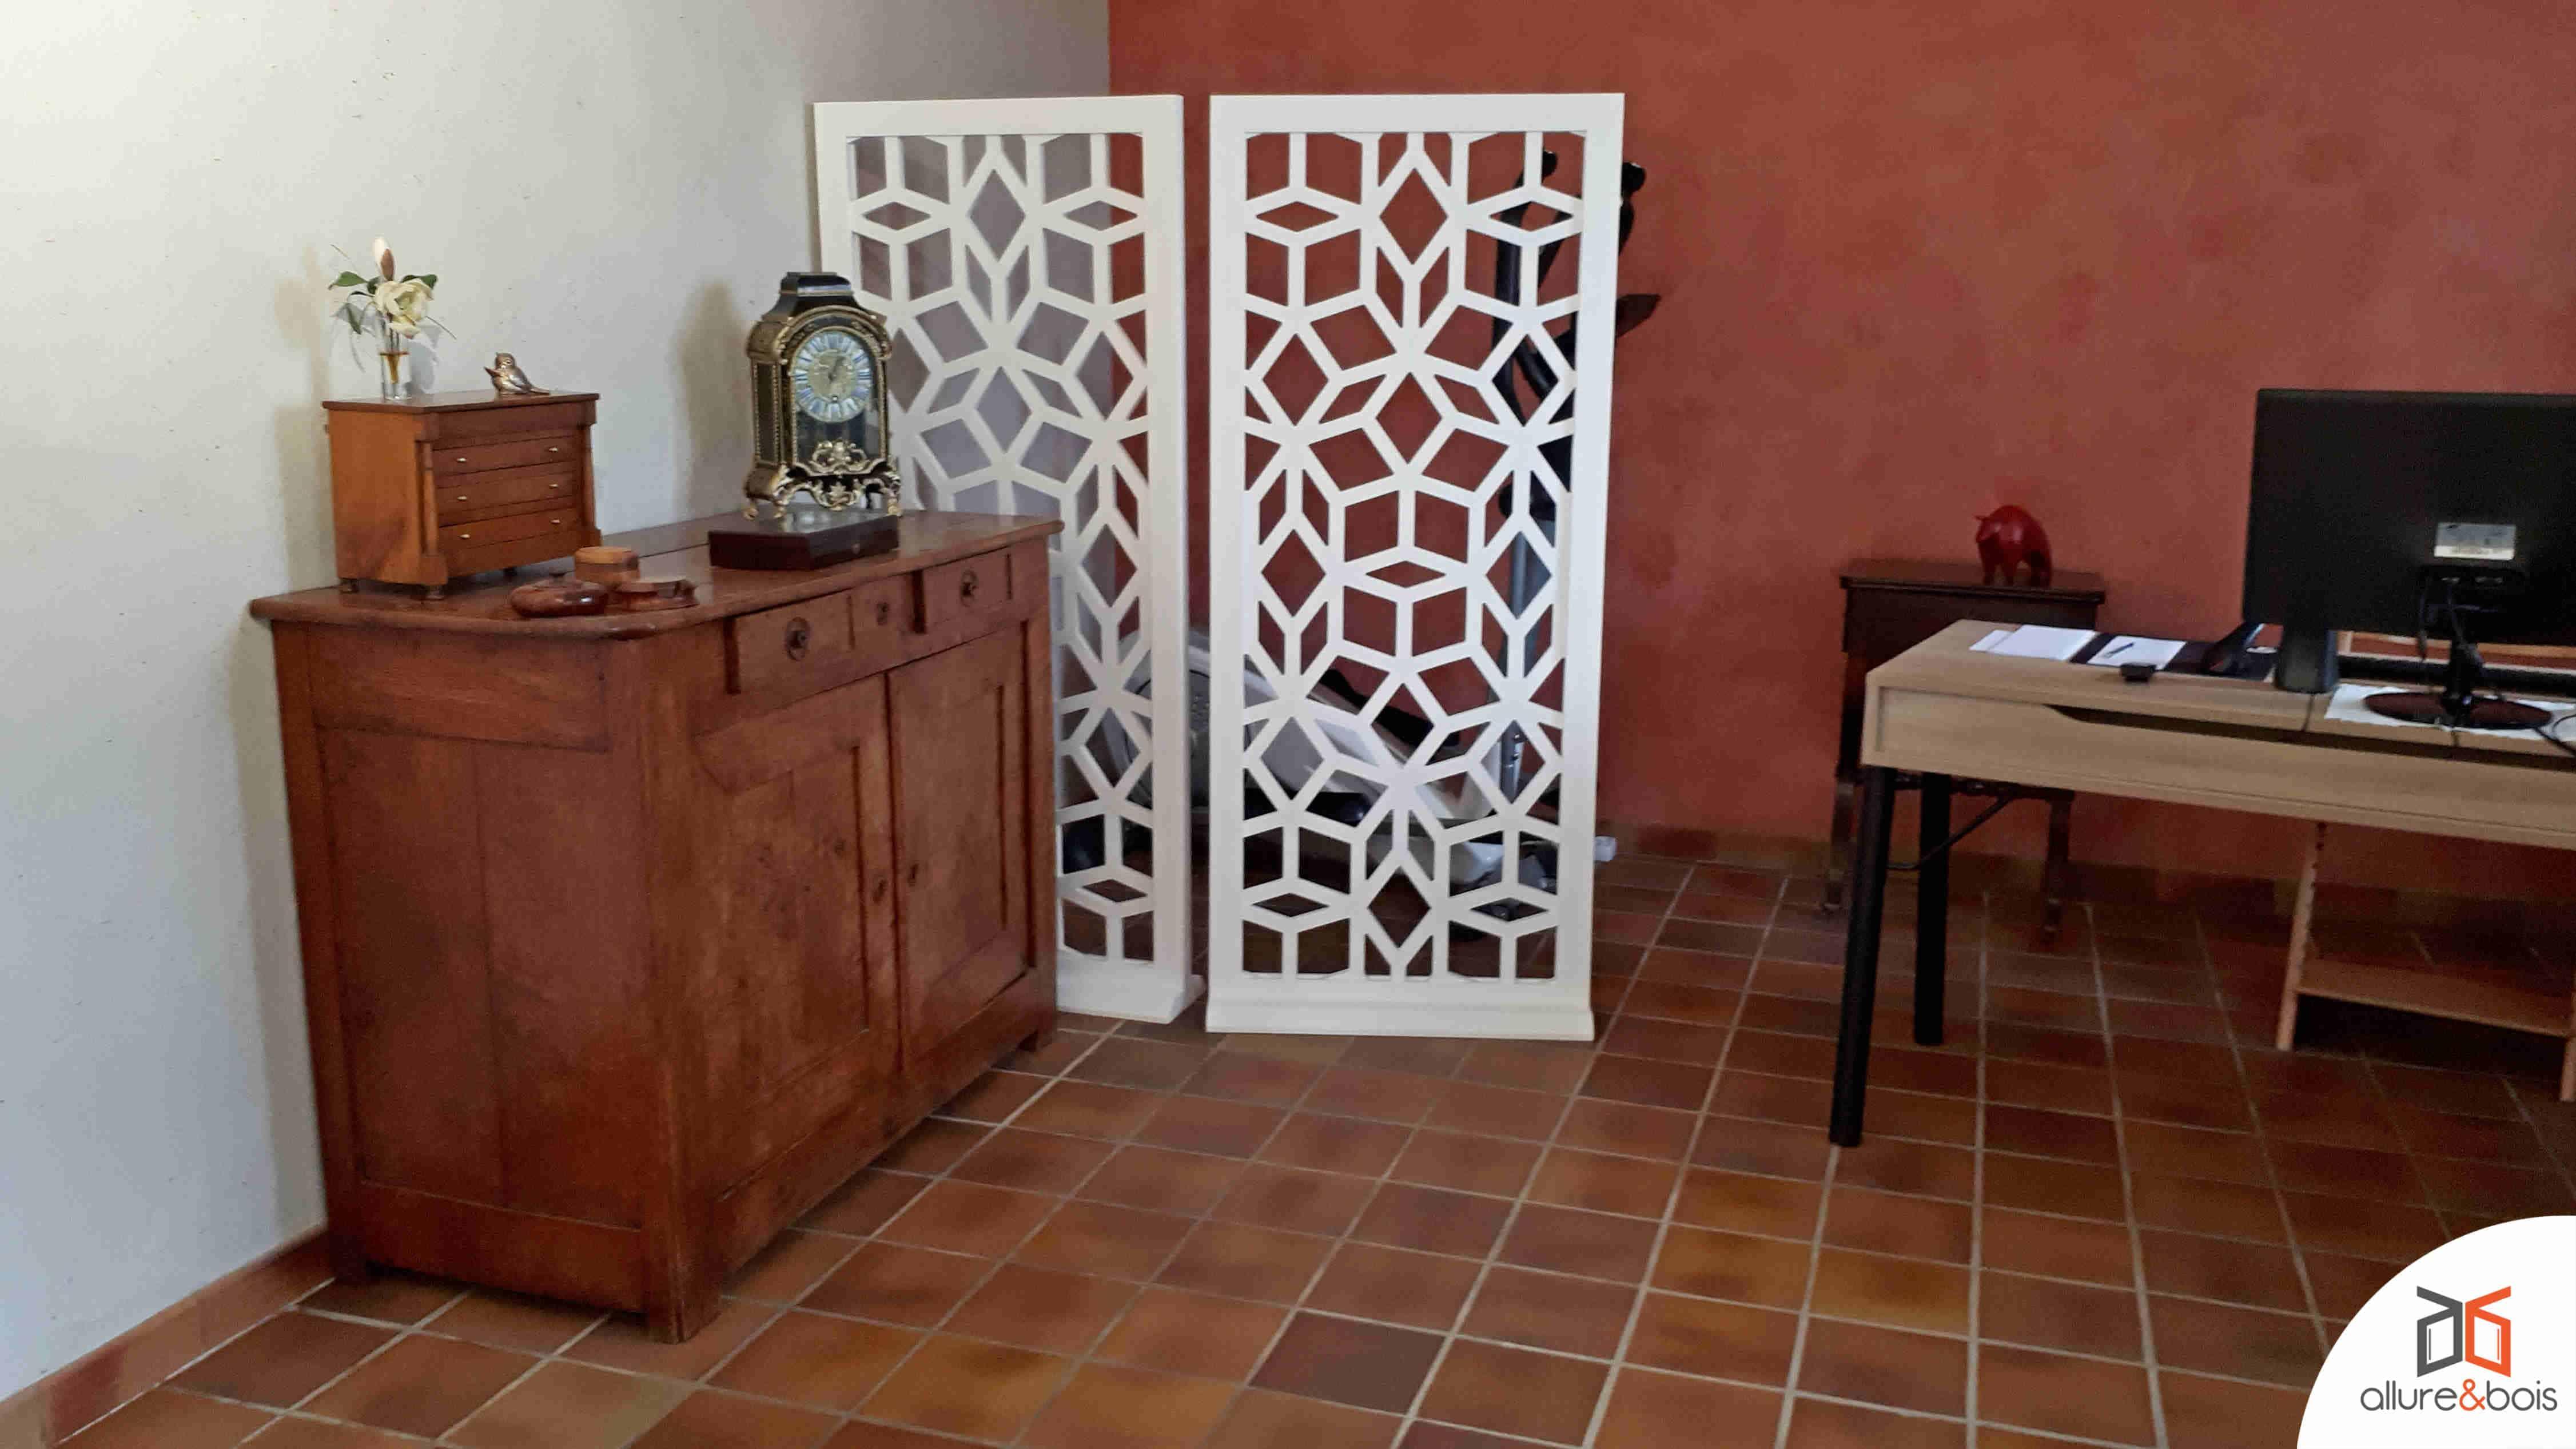 Paravent mobile Hermès blanc, tommettes briques et mur terracotta